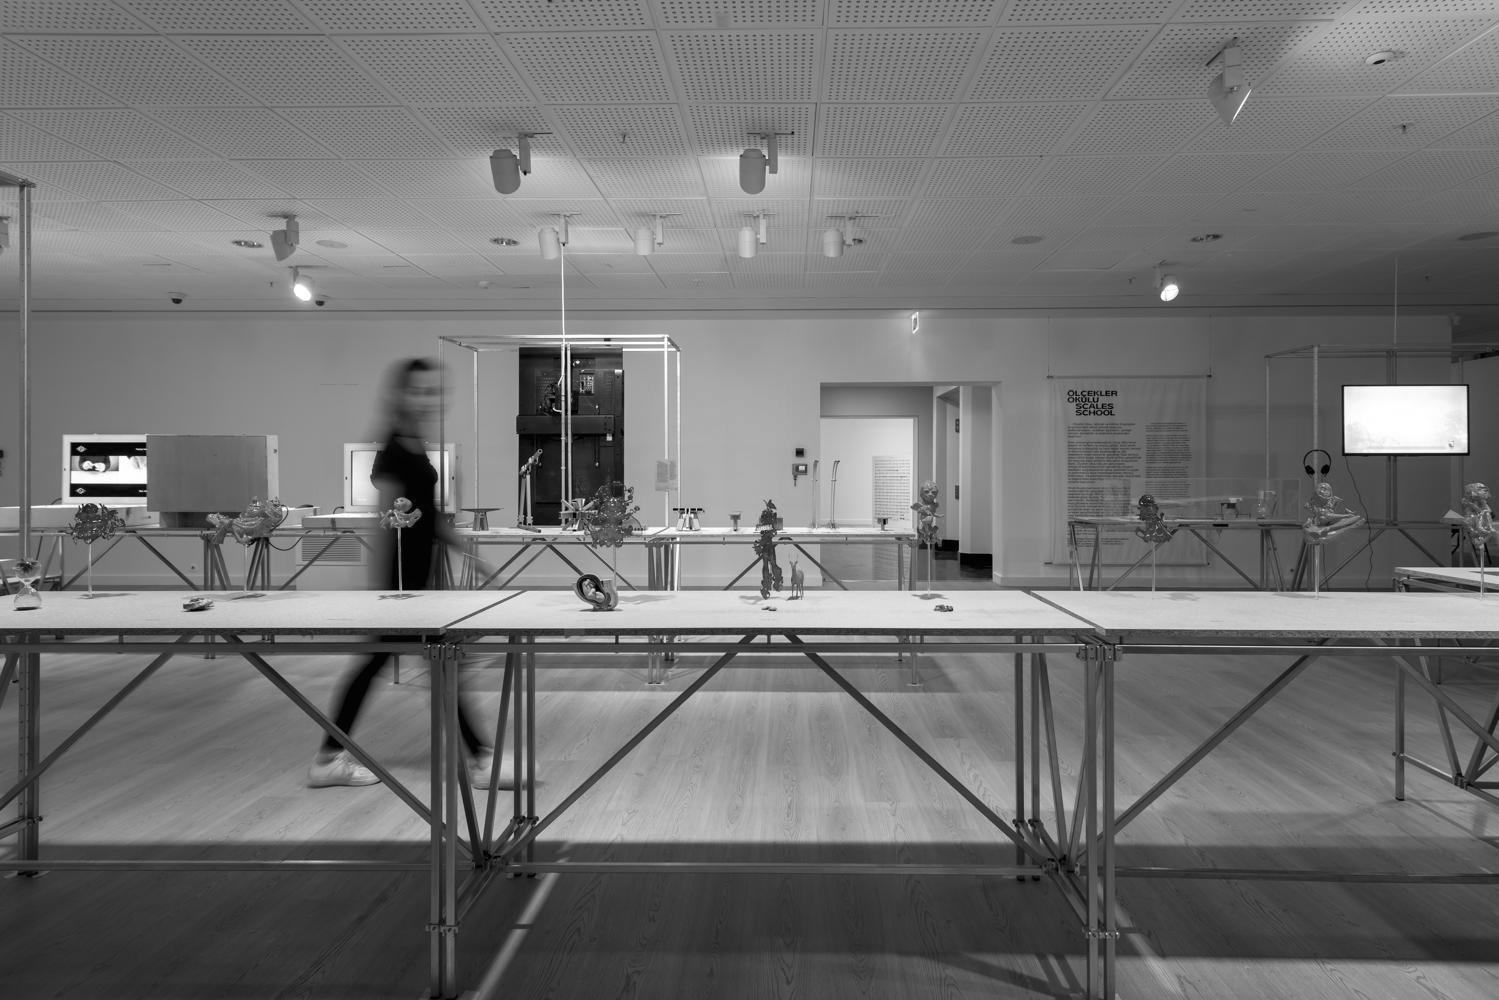 4th Istanbul Design Biennial